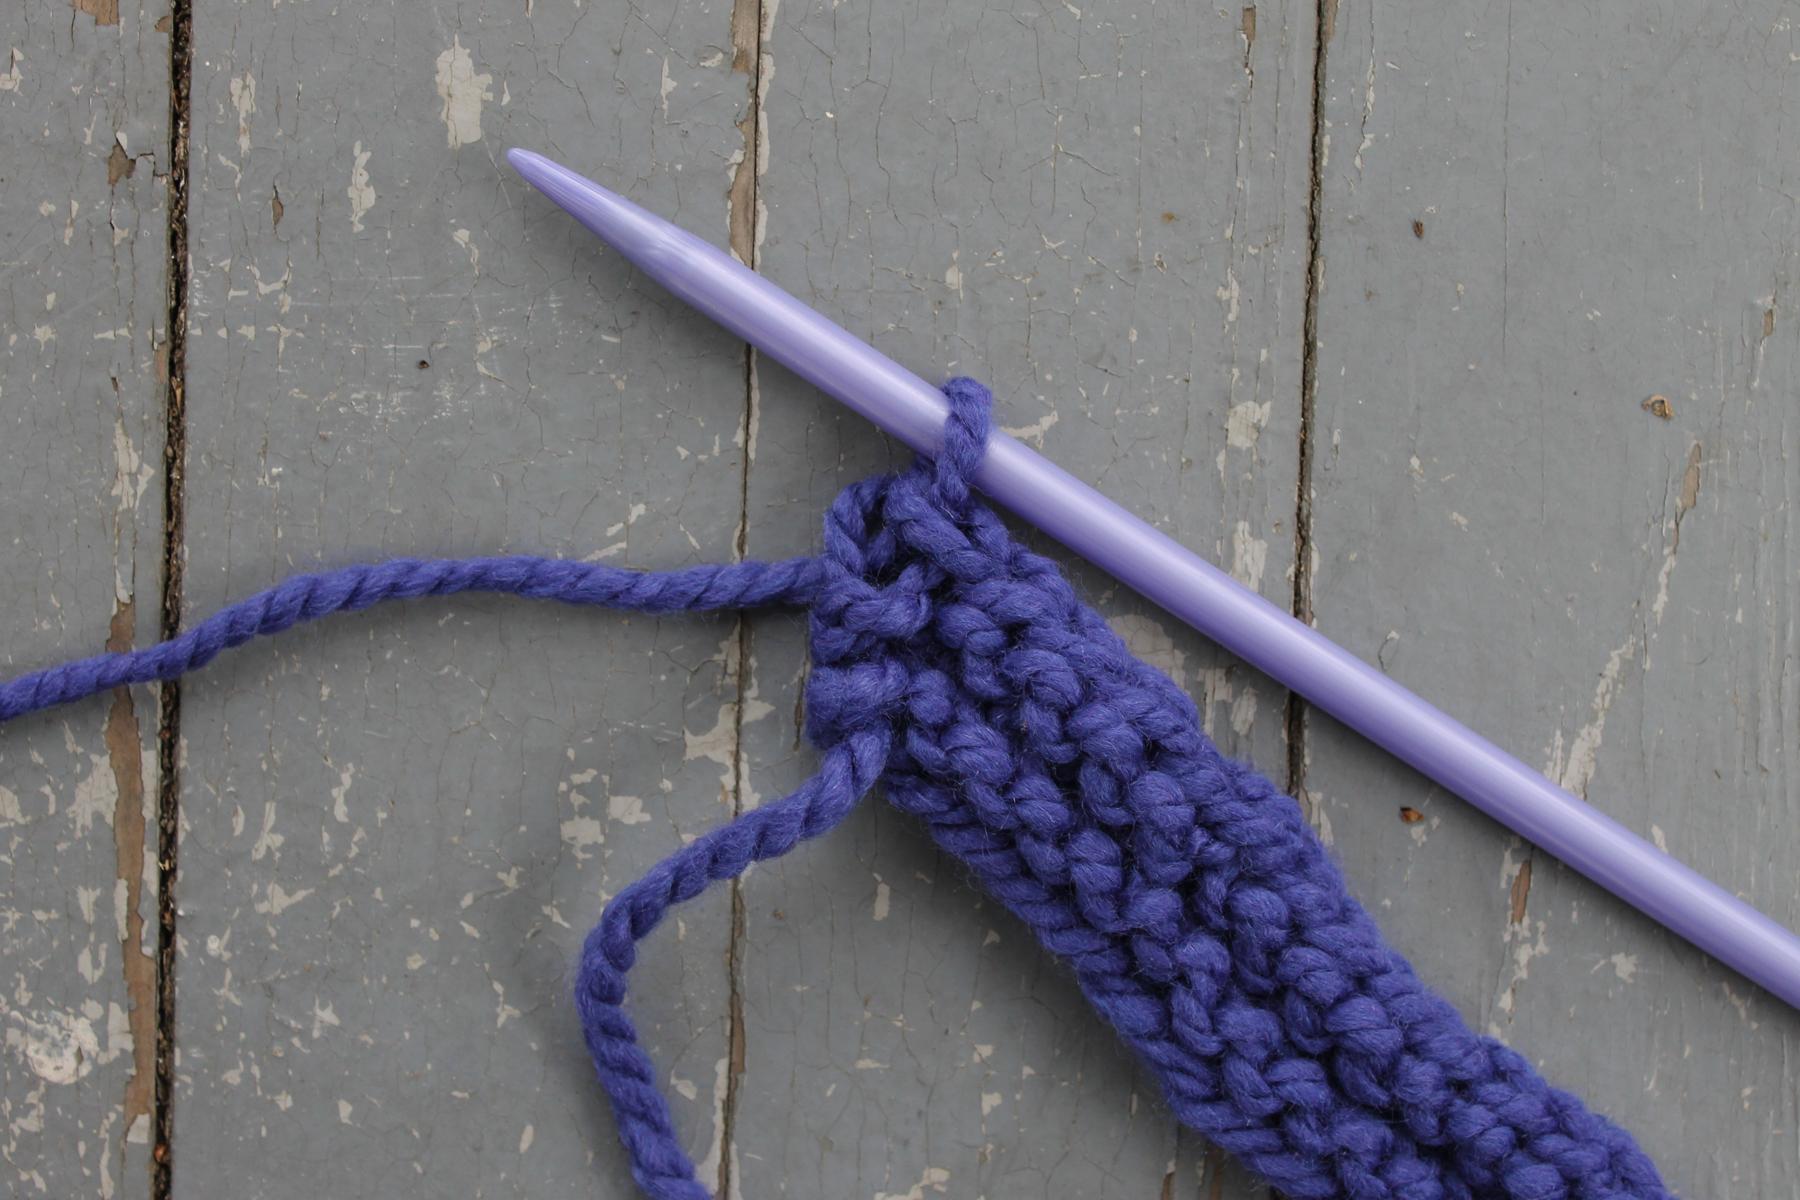 One Stitch Left on needle